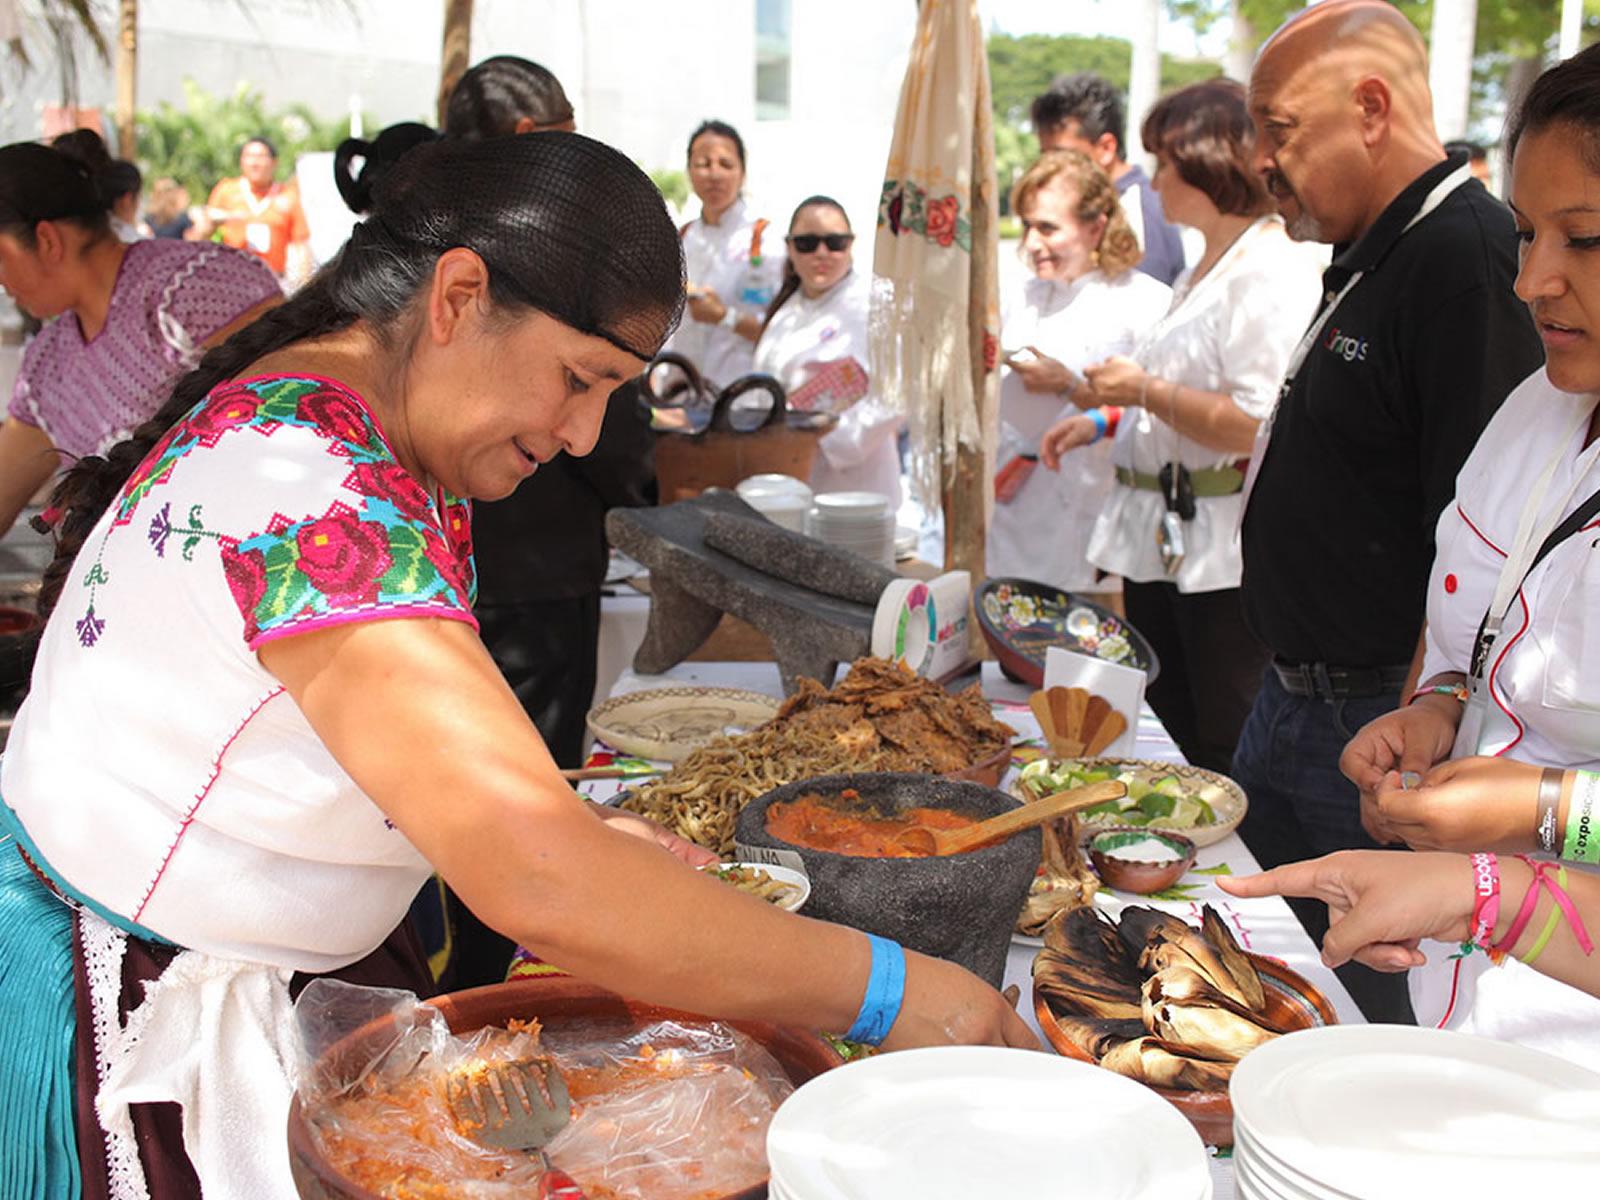 El III Foro Mundial de la Gastronomía Mexicana se realizará del 26 al 29 de noviembre en el Centro Nacional de las Artes, ciudad de México.